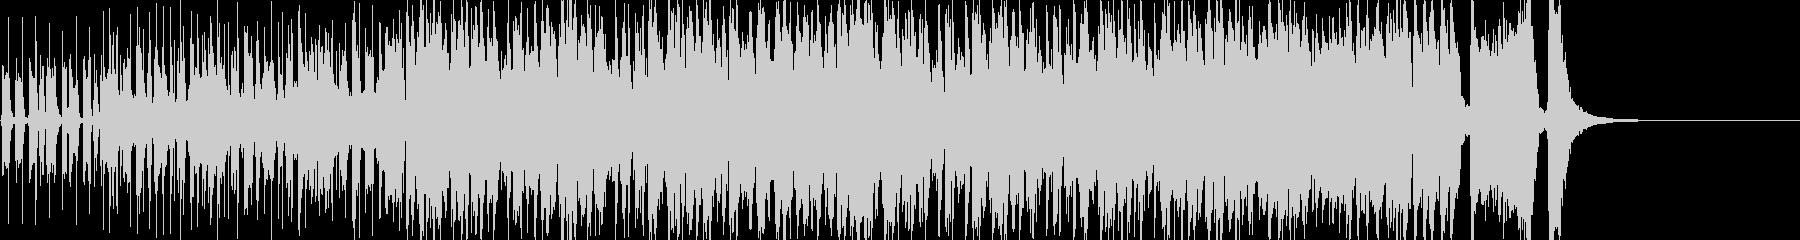 ノリノリなジャズ-短縮版-の未再生の波形